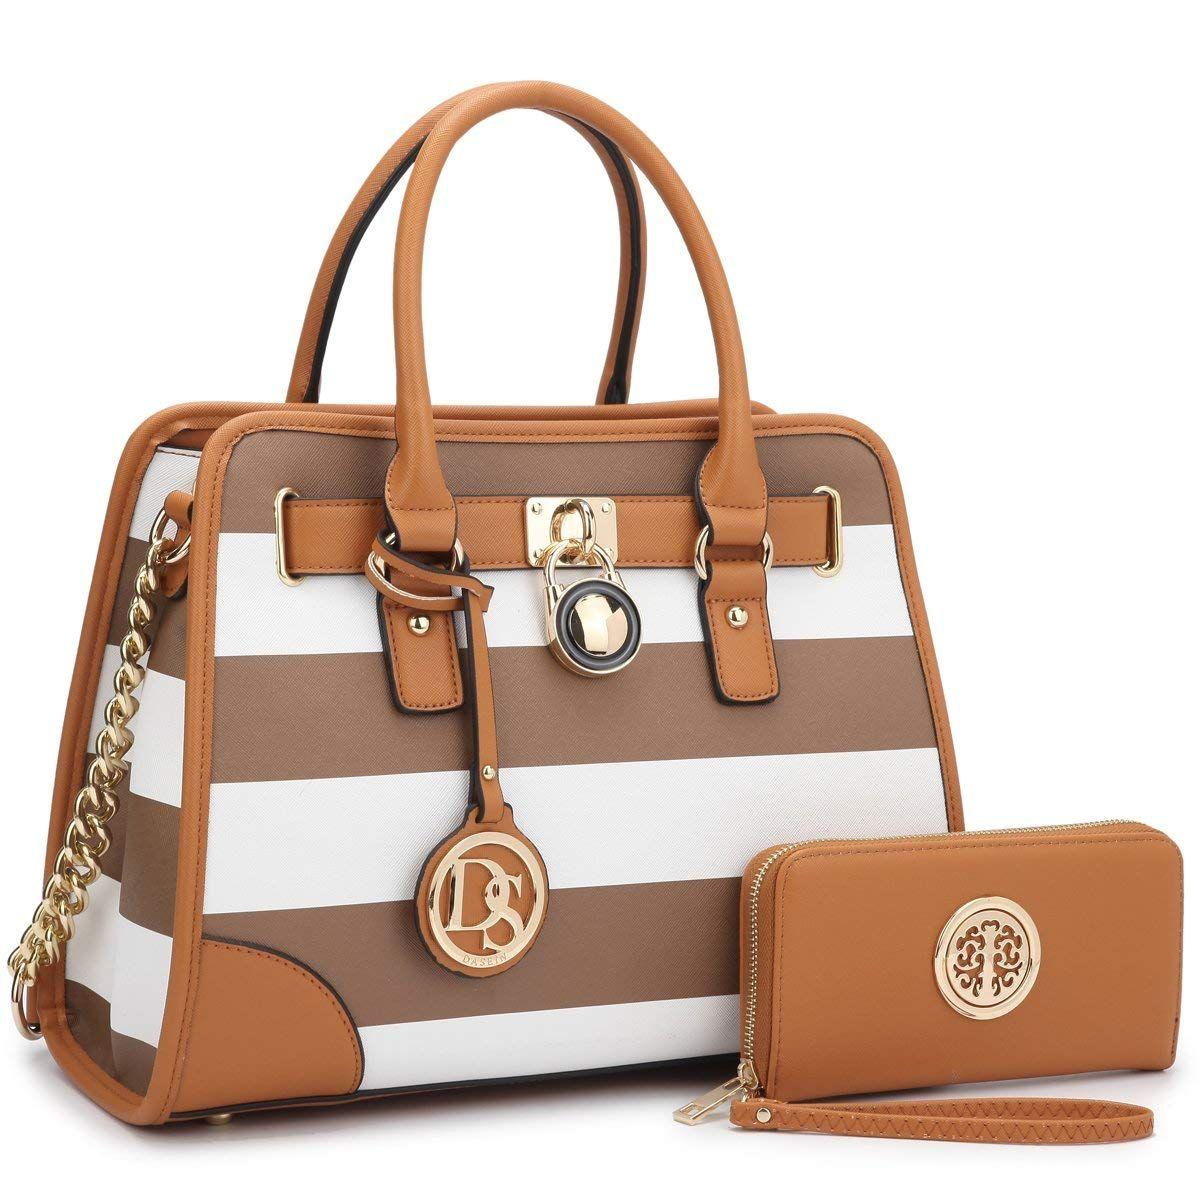 Amazon.com  Medium Satchel 2 Pieces Purse Set Designer Handbag Top Handle  Shoulder Bag bad7488140a6f